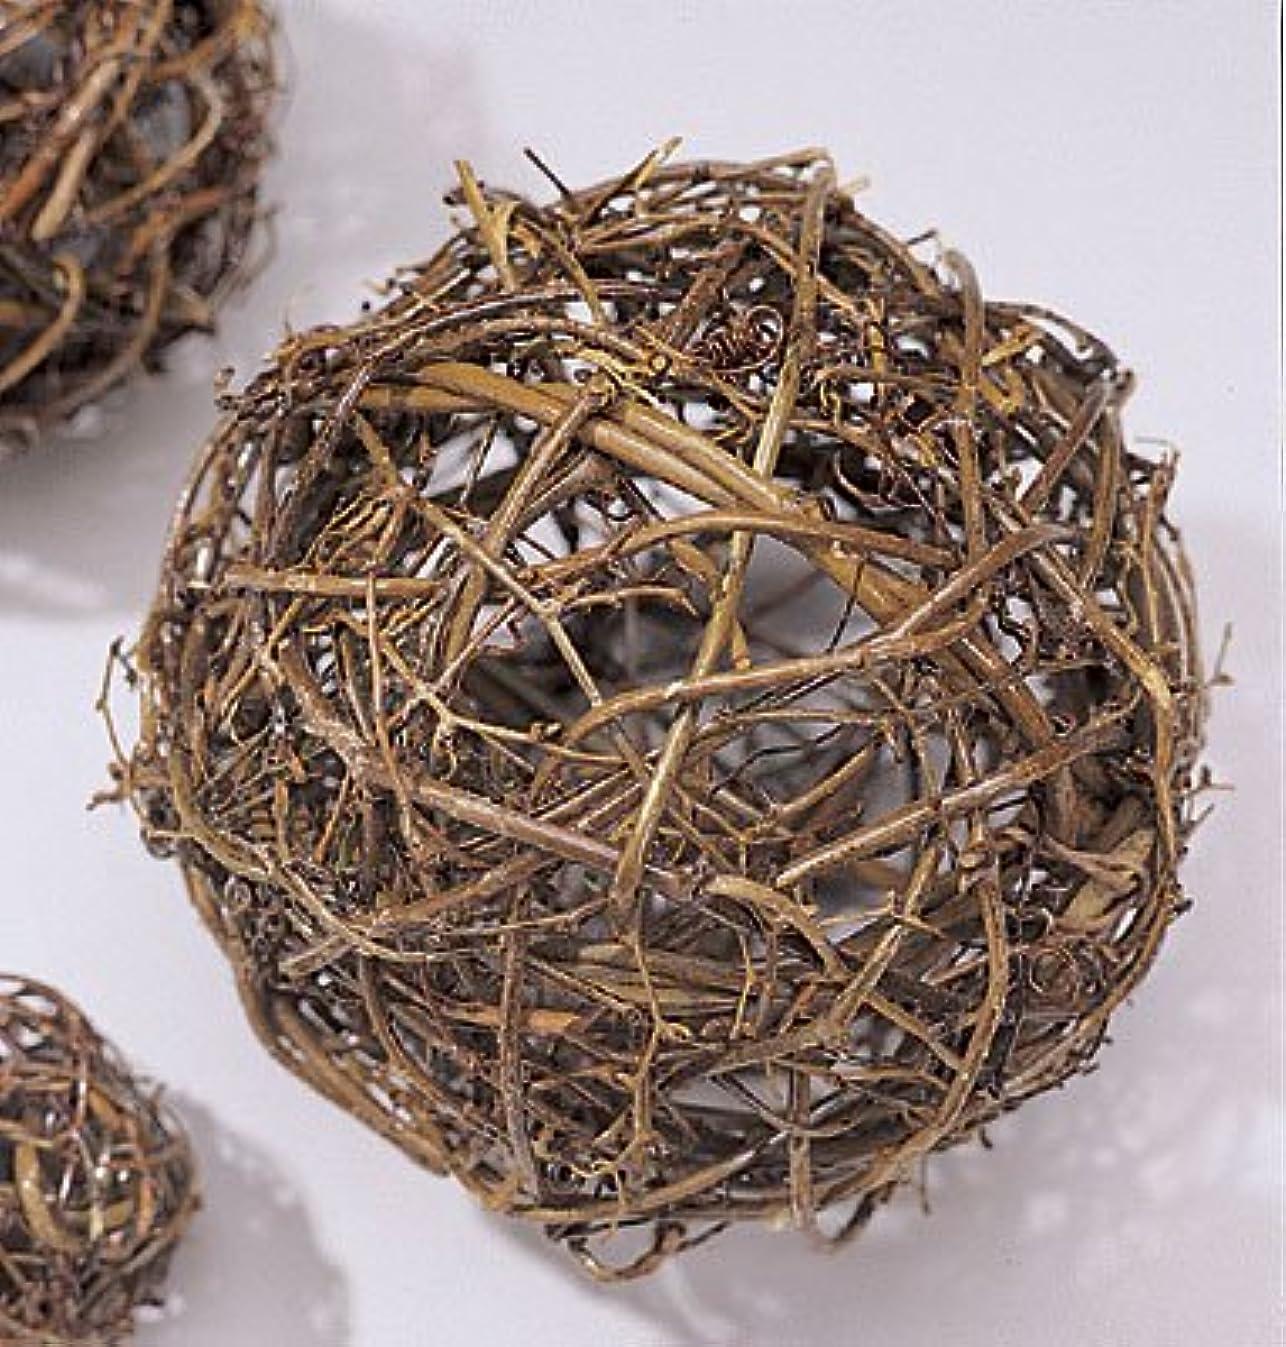 卑しい山岳洗う自然Grapevineトピアリーボール6、8、10、12、16、18、24、30、36インチサイズワイヤフレーム Single 30 inch ball